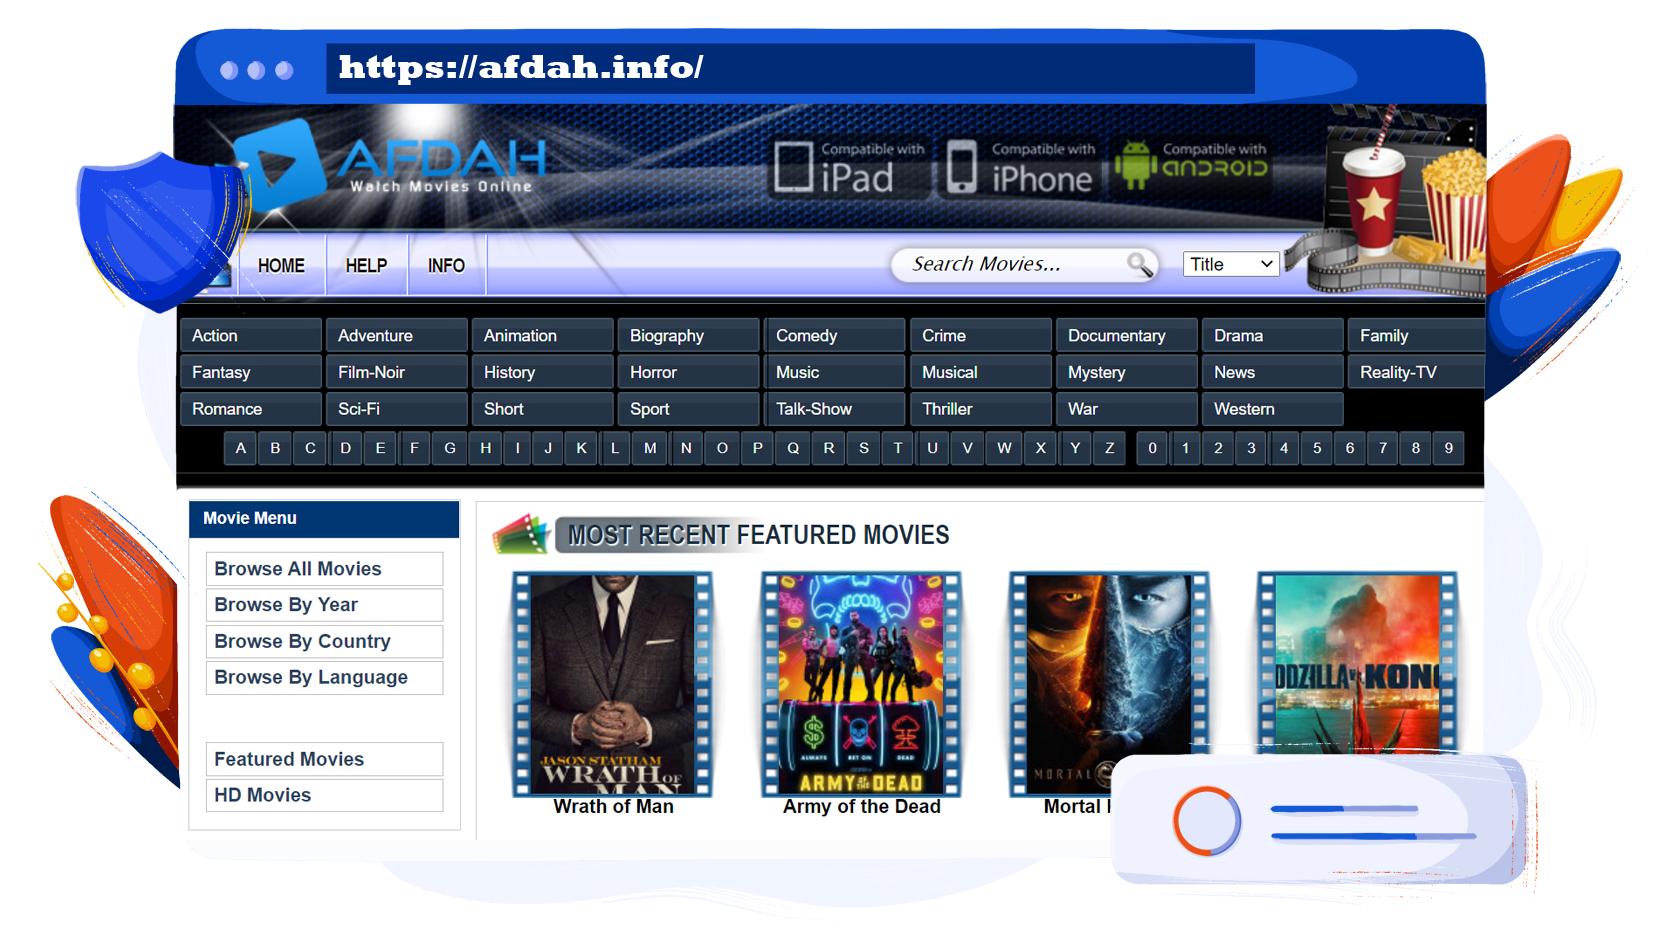 Stream filmek és TV műsorok az Afdah-on ingyenesen